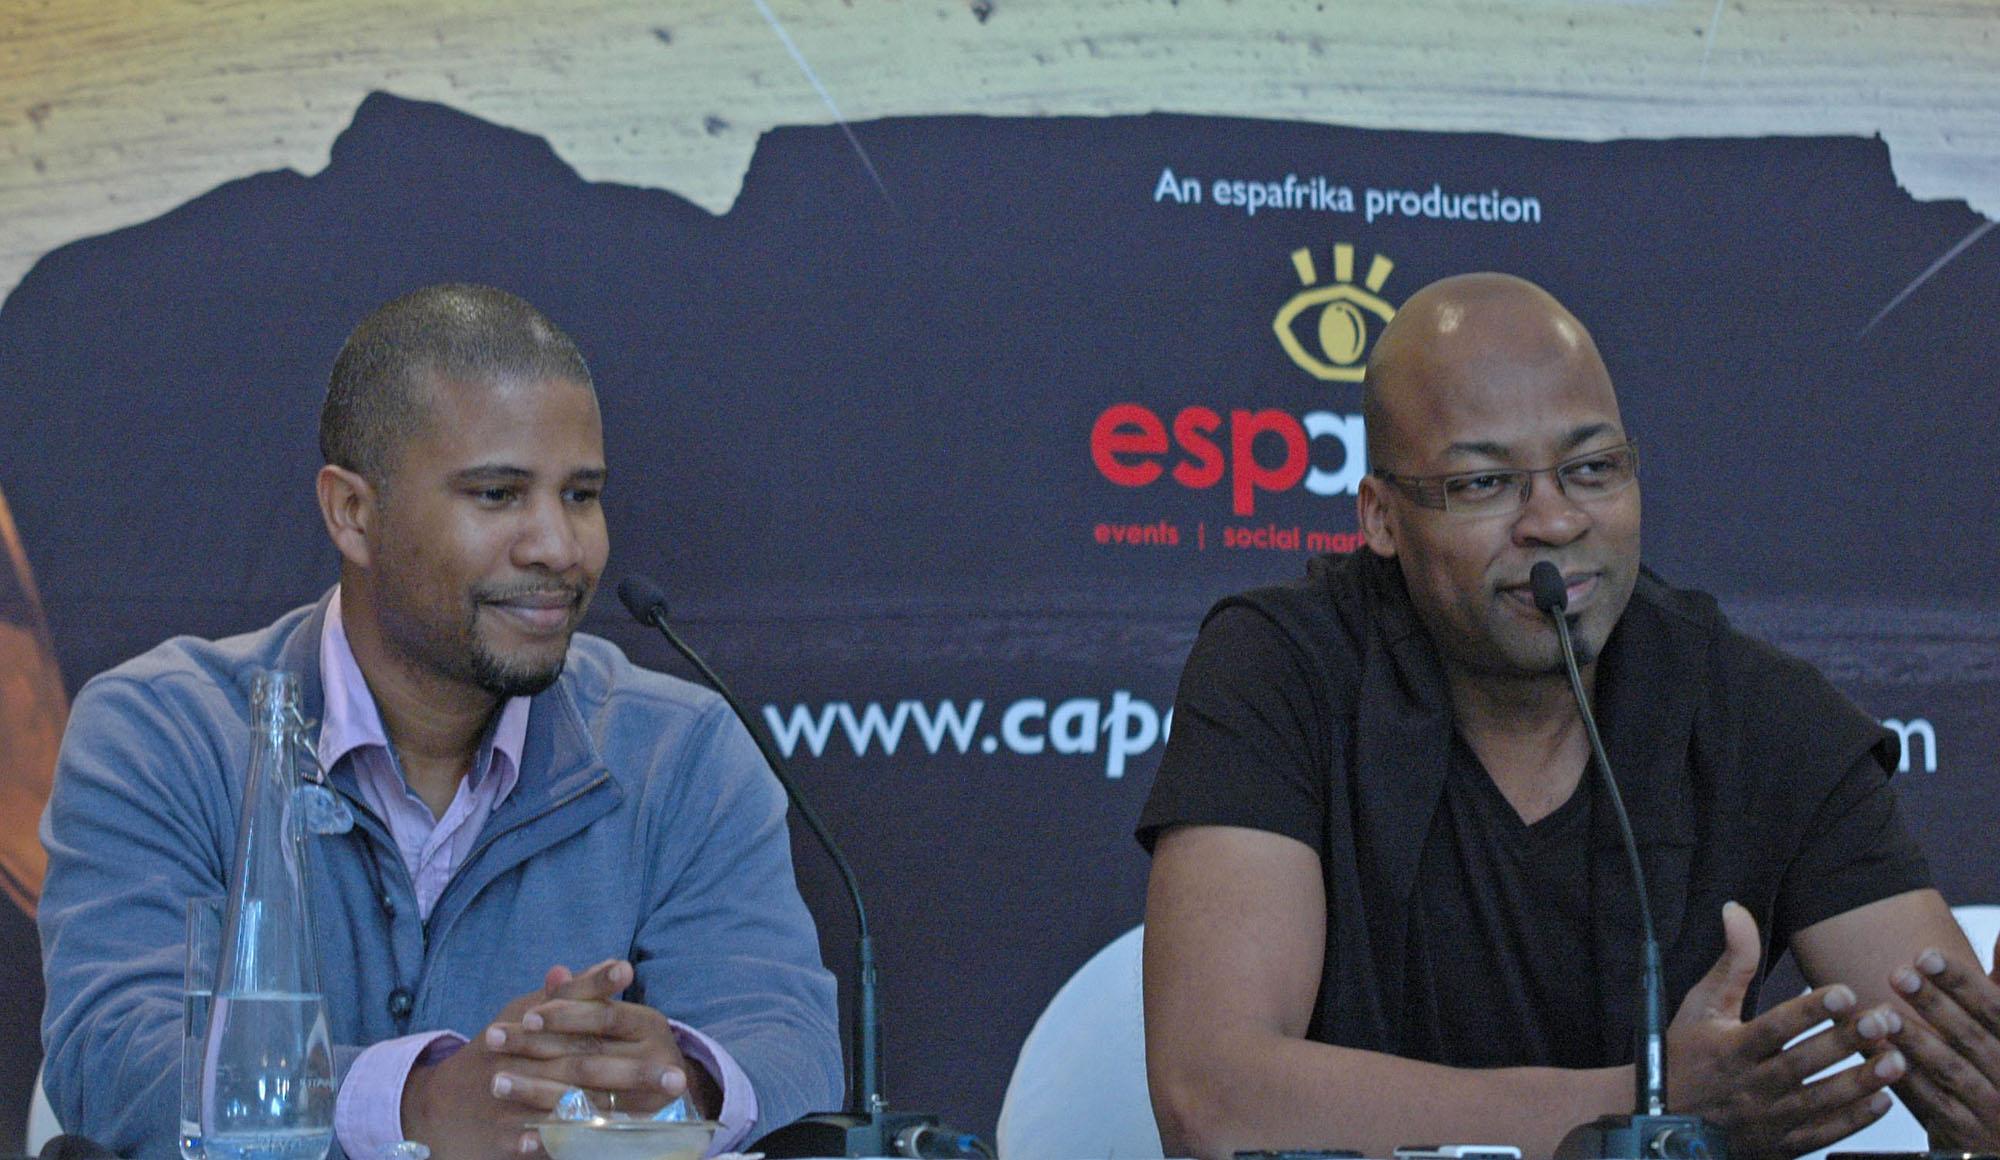 David Sanchez and Lionel Loueke, Cape Town Jazz Festival 2012